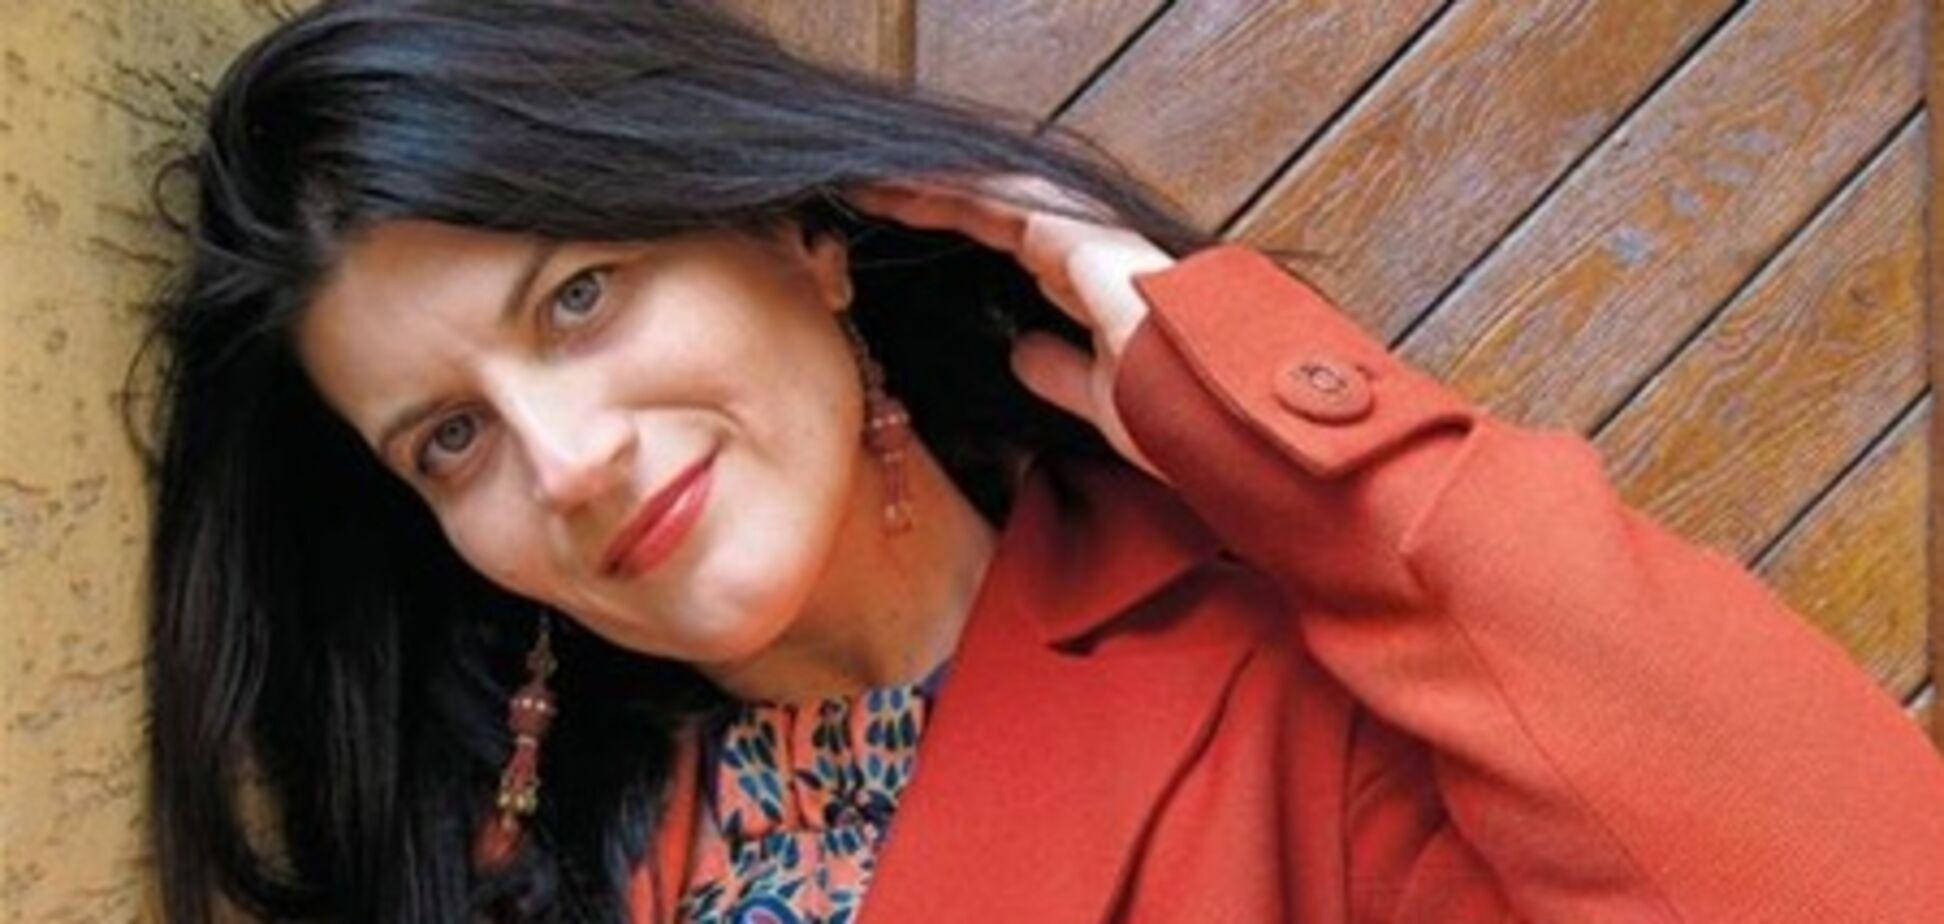 Лариса Денисенко: 'Собі досліджуваті прістойніше и чесніше'